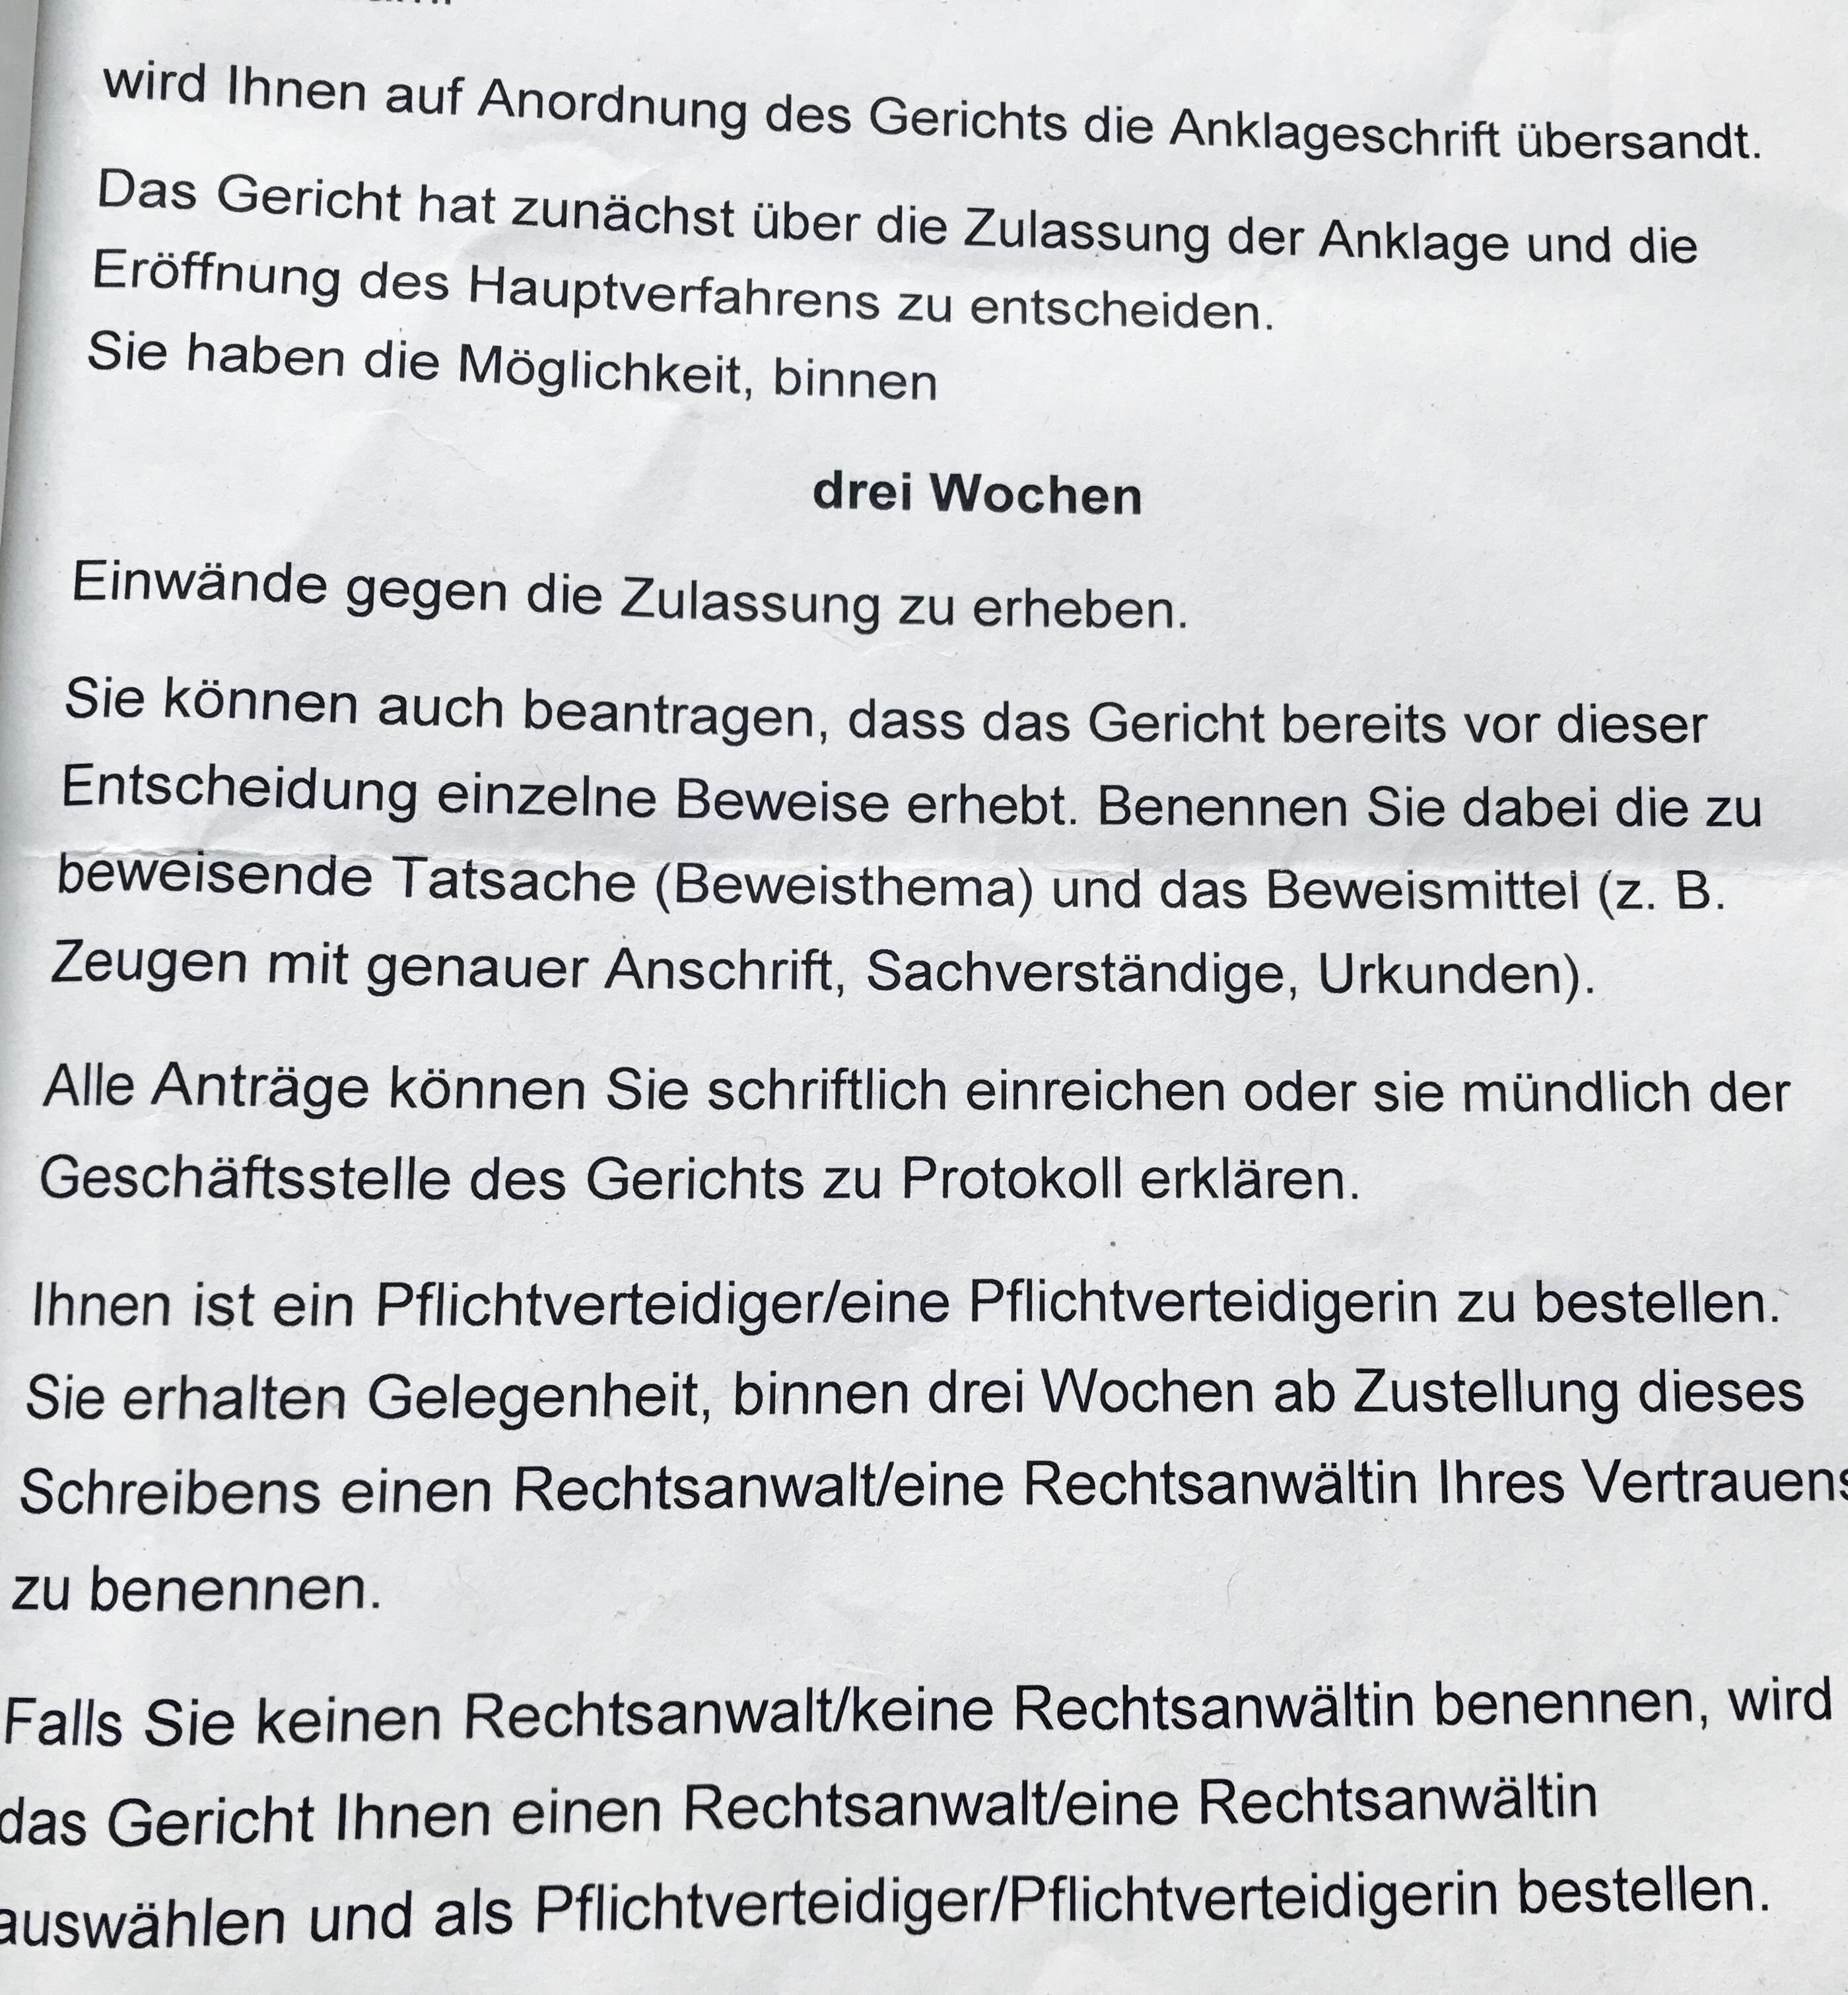 Kanzlei Louis & Michaelis Rechtsanwälte und Strafverteidiger Anklageschrift erhalten Rechtsanwalt